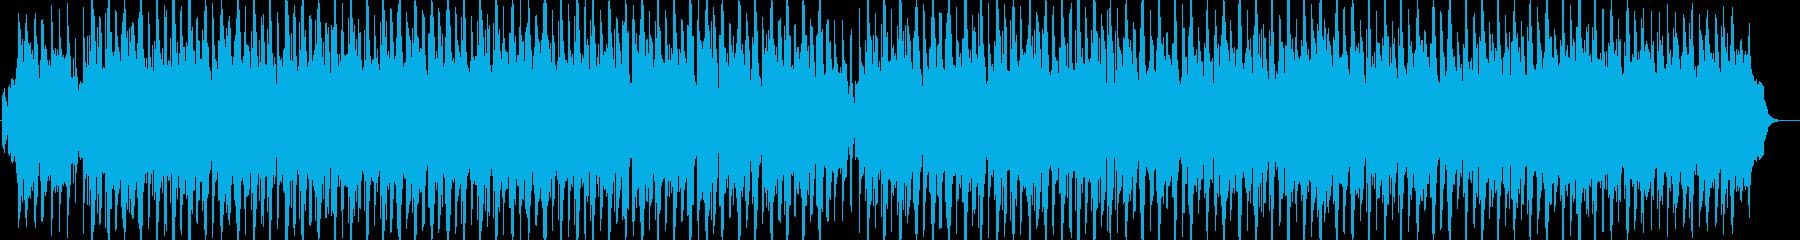 クラシックをアレンジした軽快なサンバの再生済みの波形